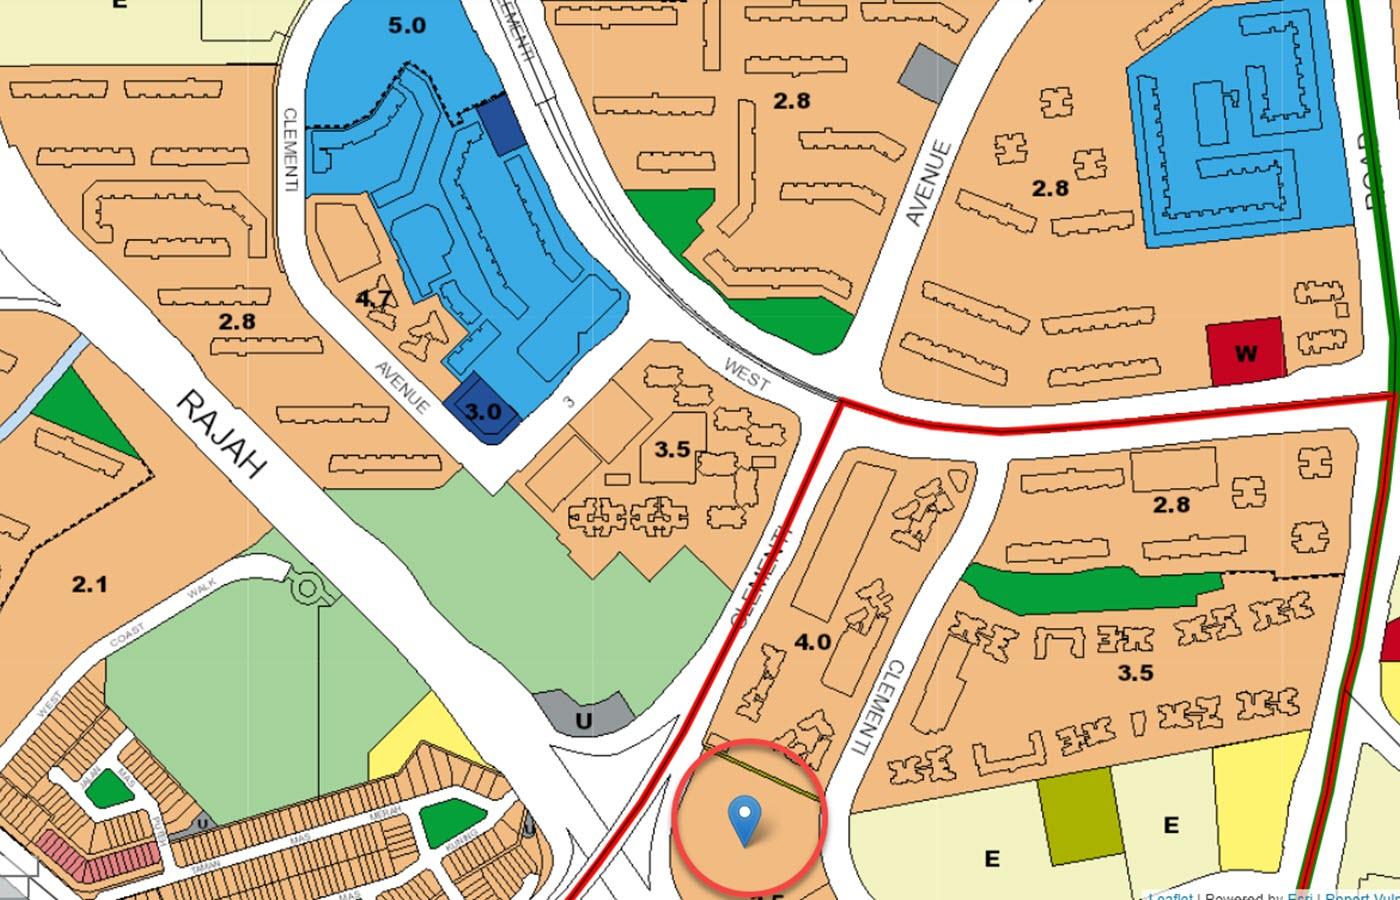 Clavon Condo Location - URA Master Plan Map